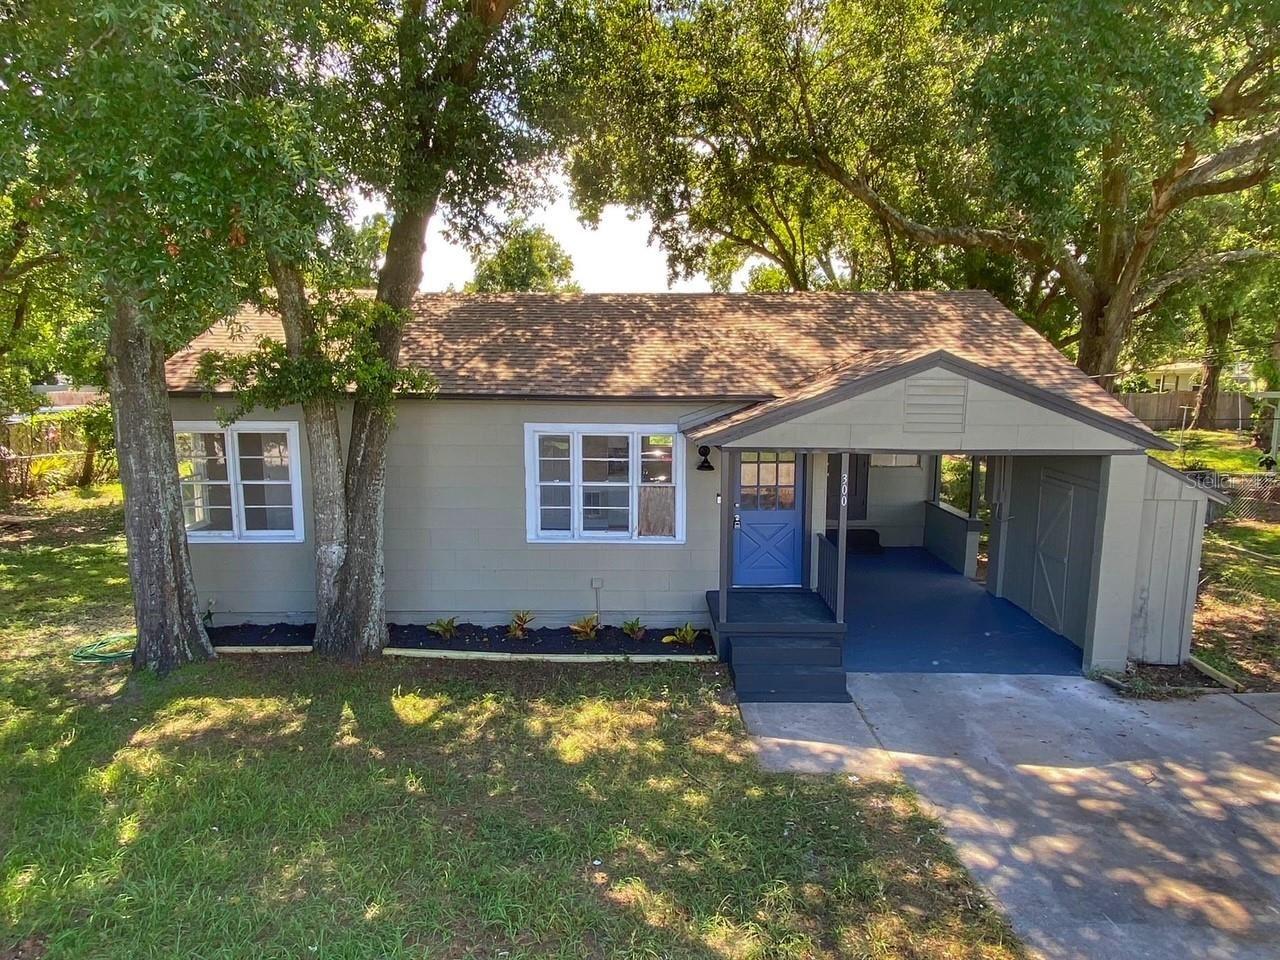 300 MAYNARD AVENUE, Orlando, FL 32803 - #: O5964206